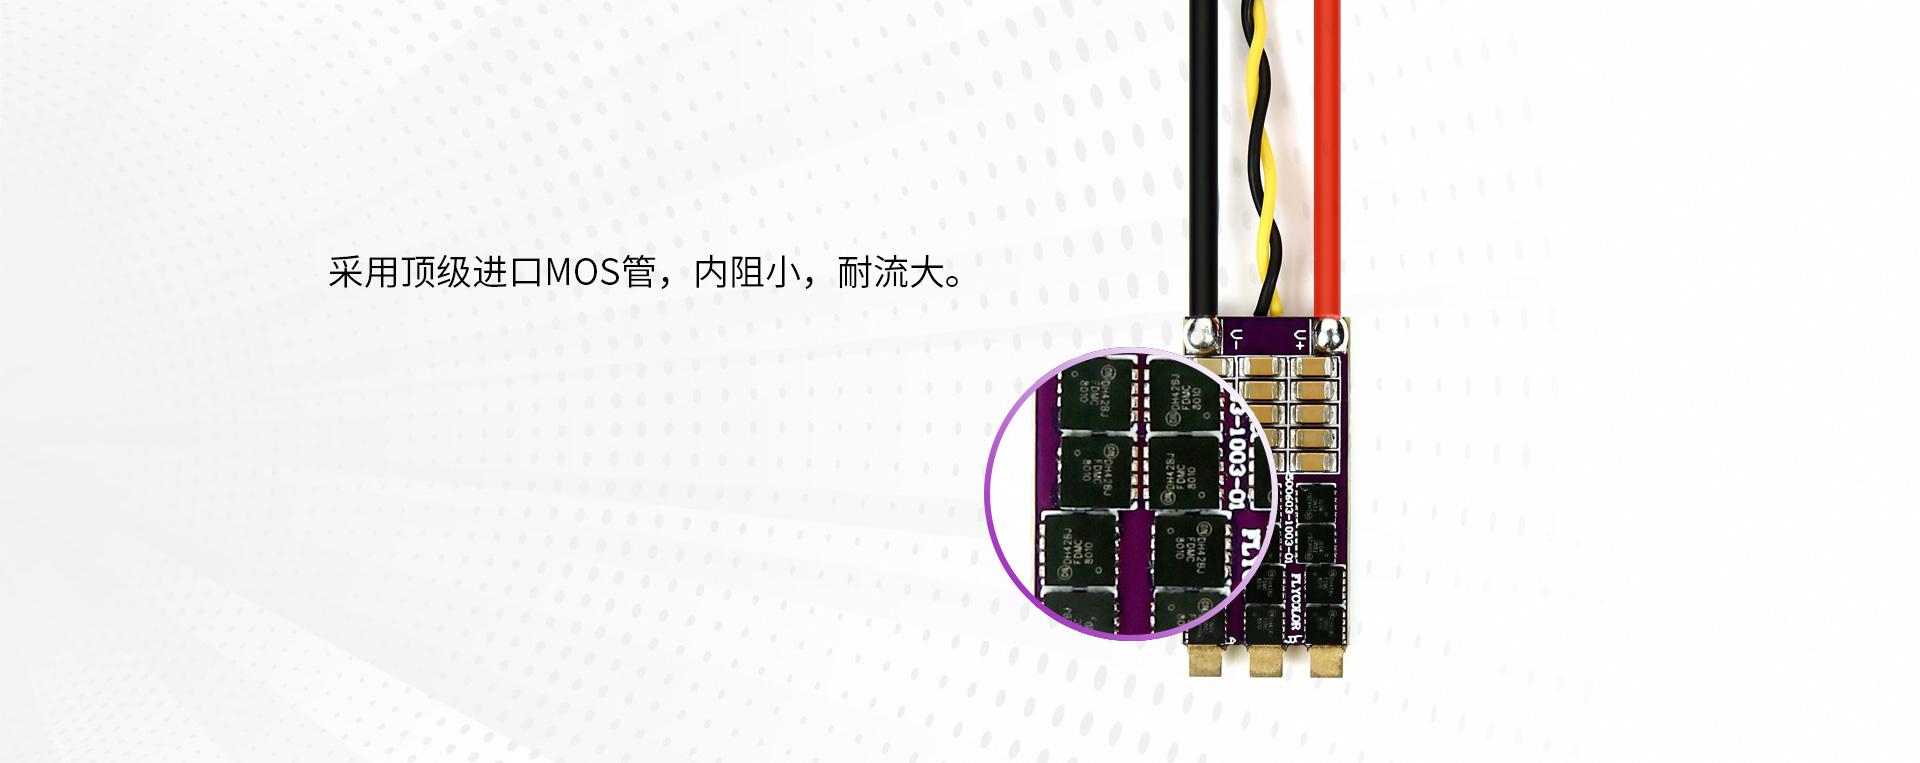 img-2-耐大电流.jpg